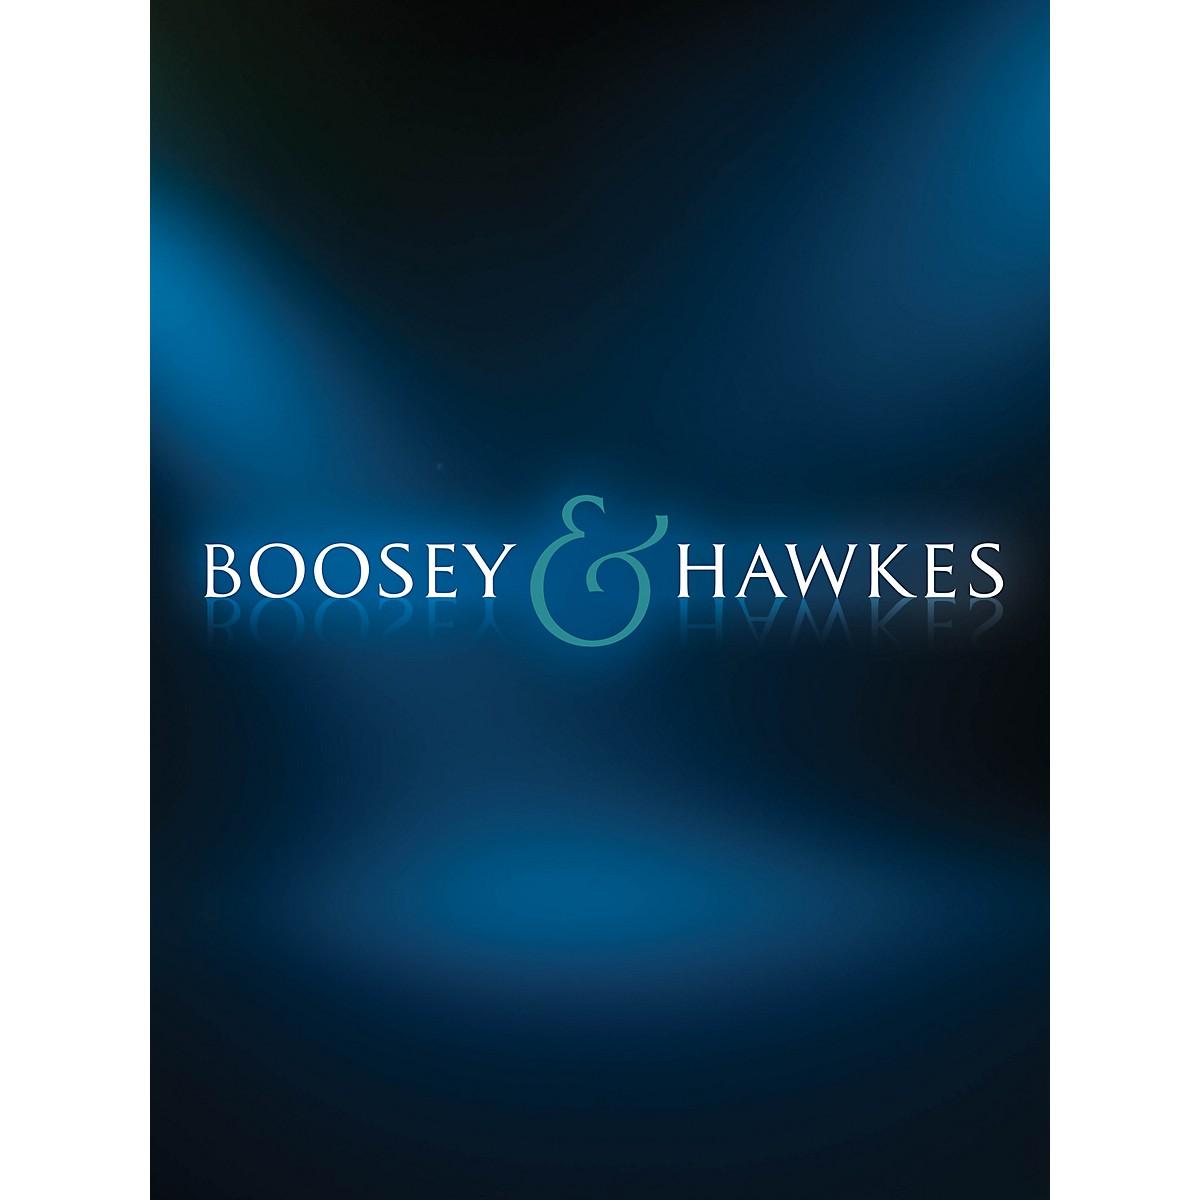 Bote & Bock Lieder um eine kleine Stadt, Op. 95 (Book 1) Boosey & Hawkes Voice Series Composed by Yrjö Kilpinen